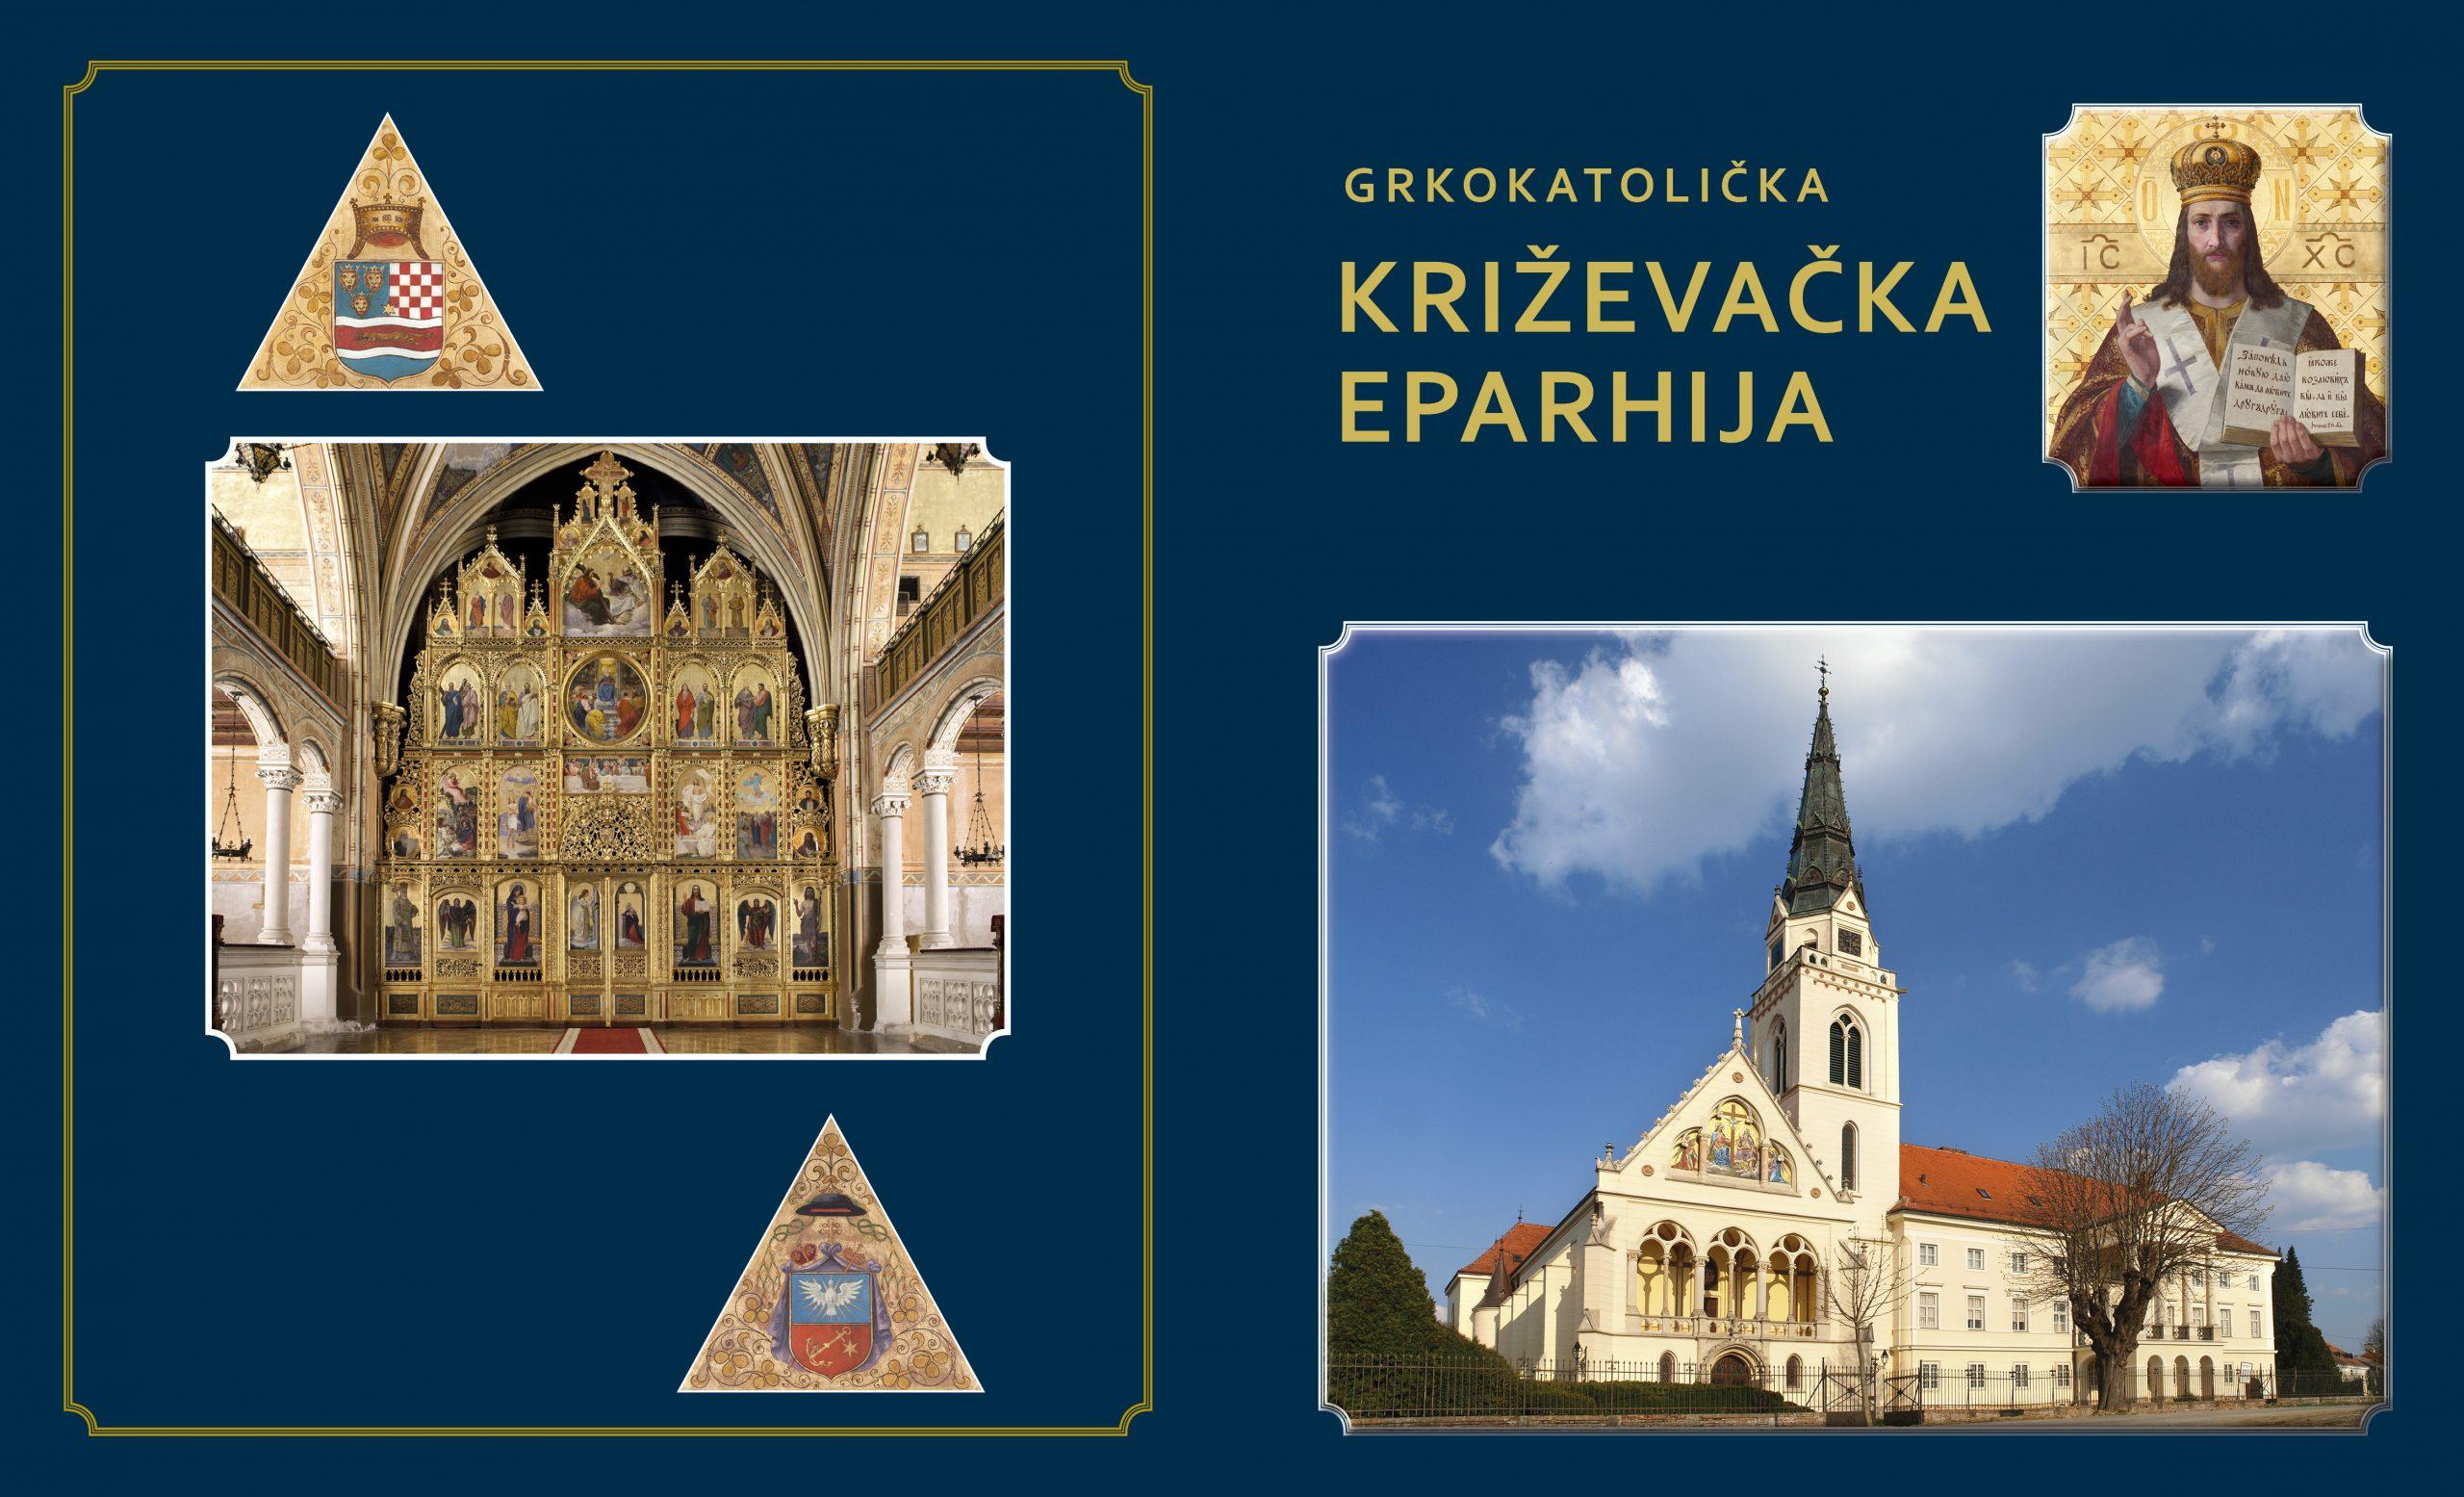 Novo izdanje Ordinarijata križevačke eparhije